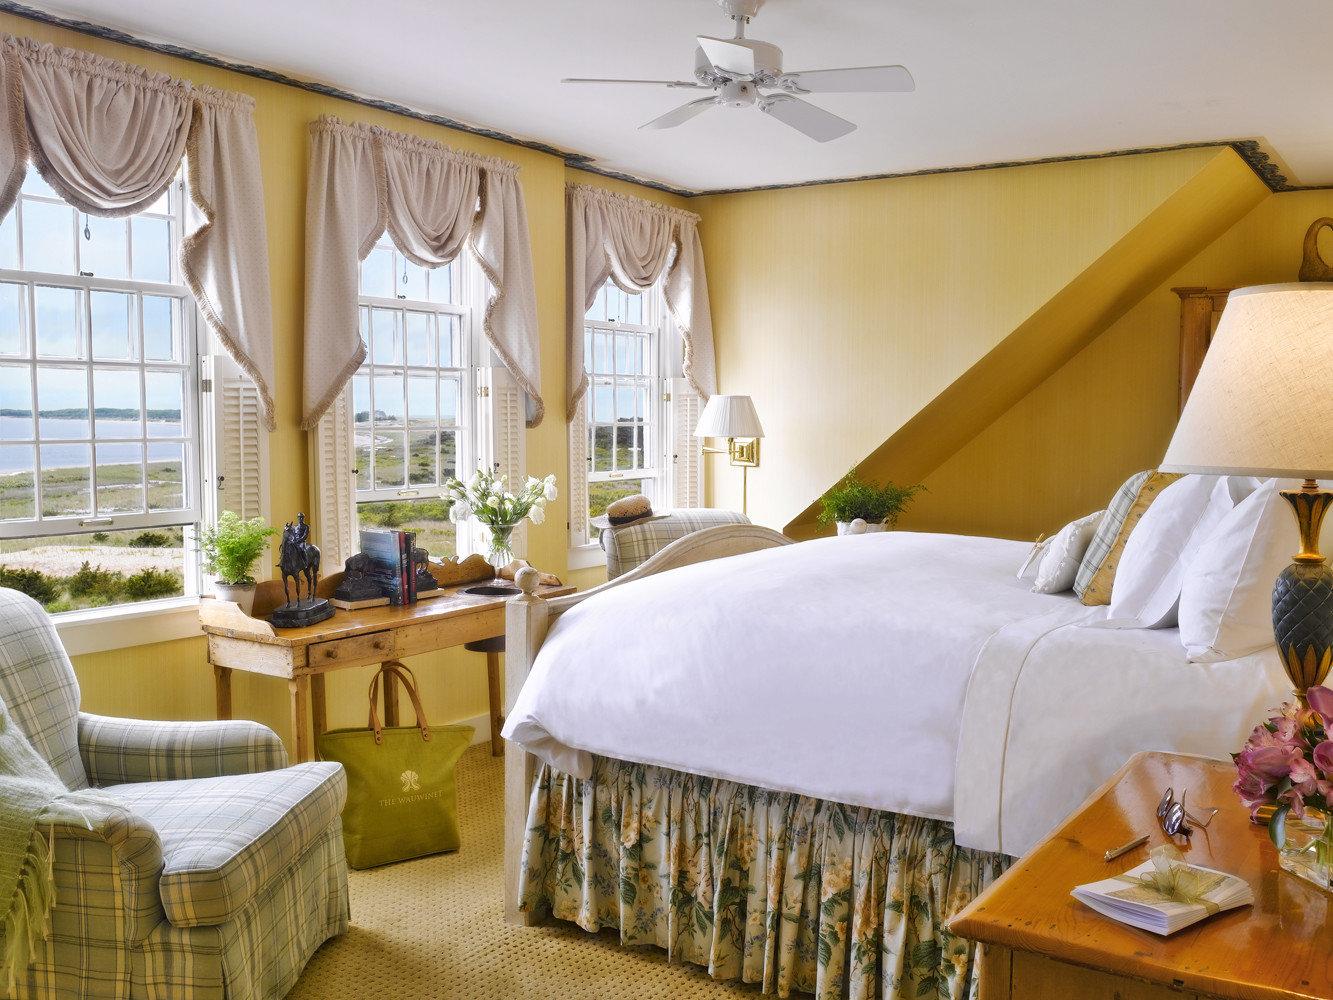 Hotels Romance indoor room window property estate Suite Bedroom home interior design real estate cottage Resort living room Villa furniture